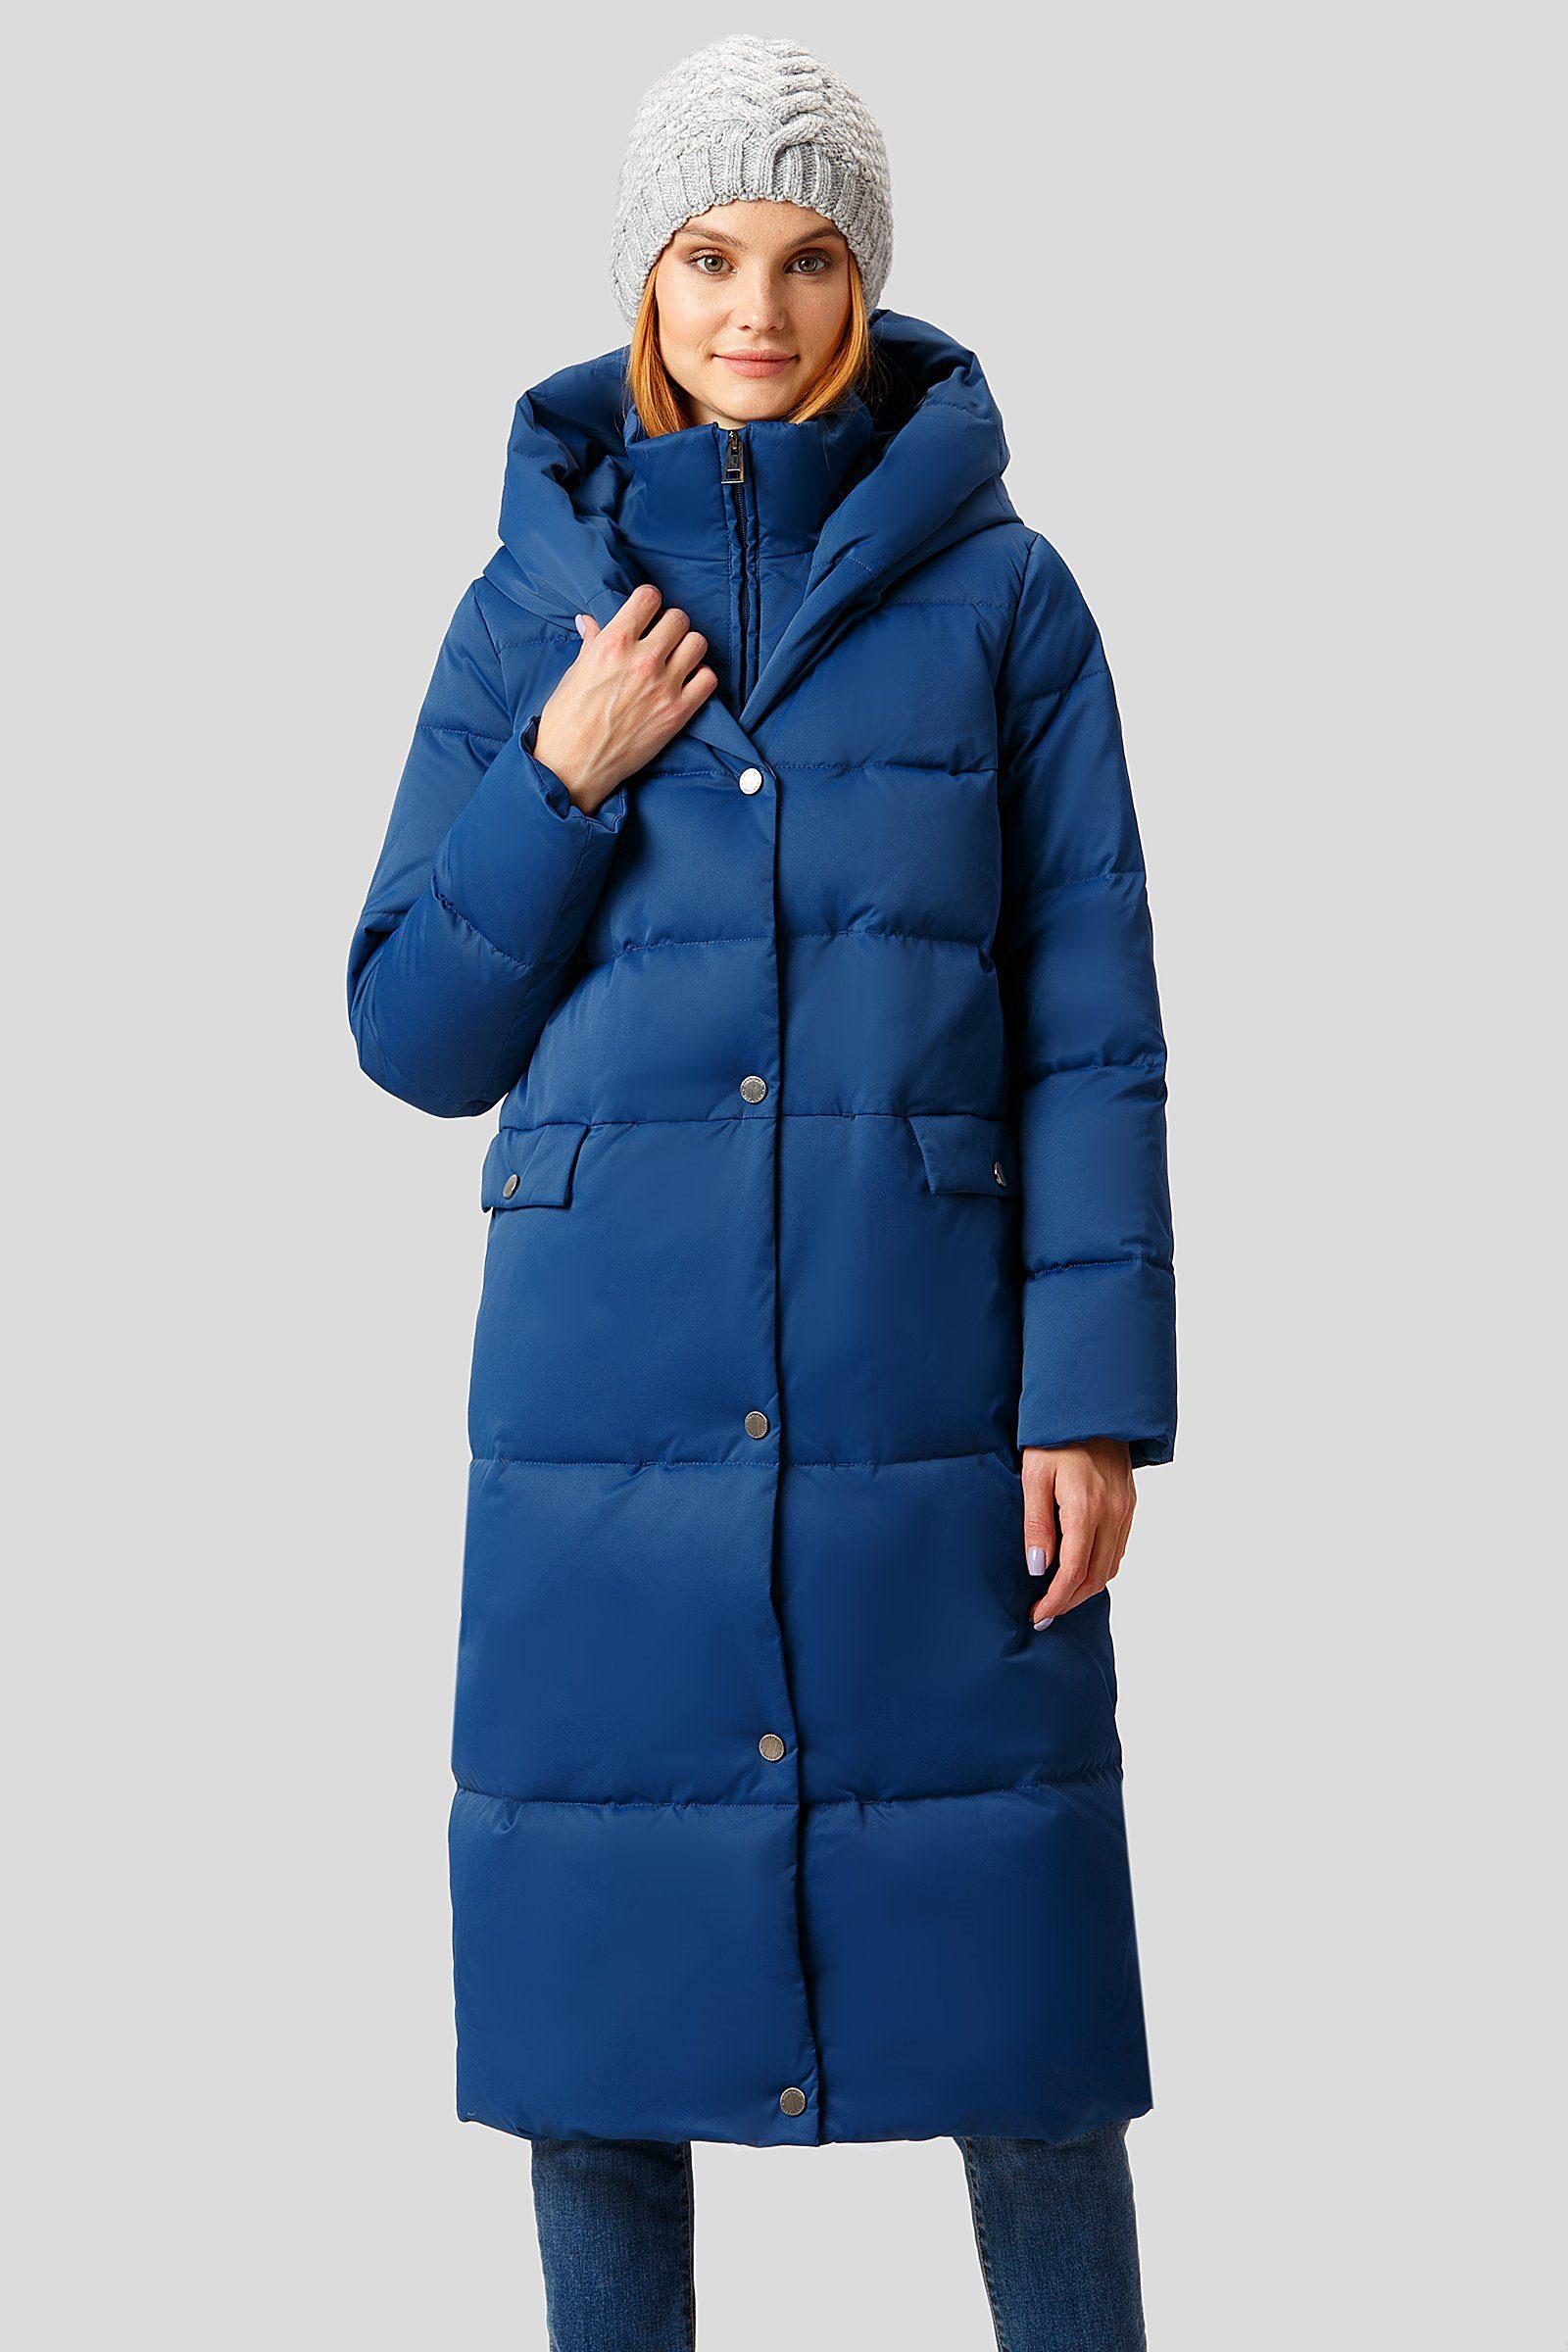 Finn Flare Daunenmantel, Winterlicher Mantel mit bequemer Passform online kaufen   OTTO